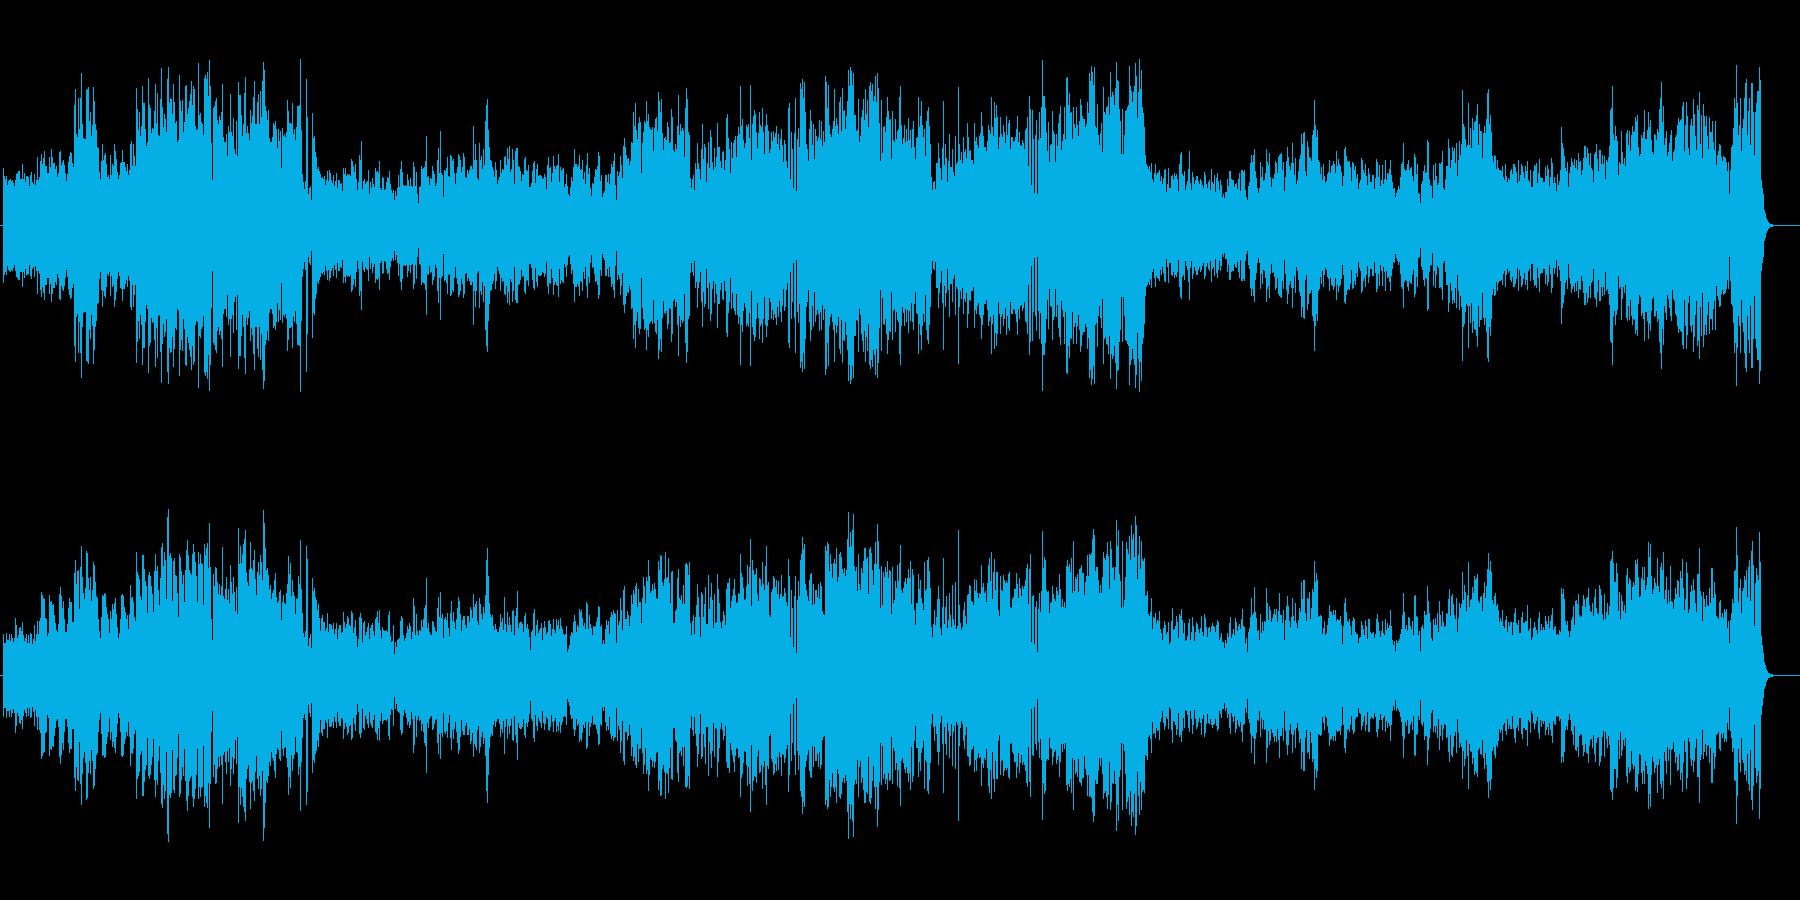 ドラマチックなクラシカル・ムービー風の再生済みの波形